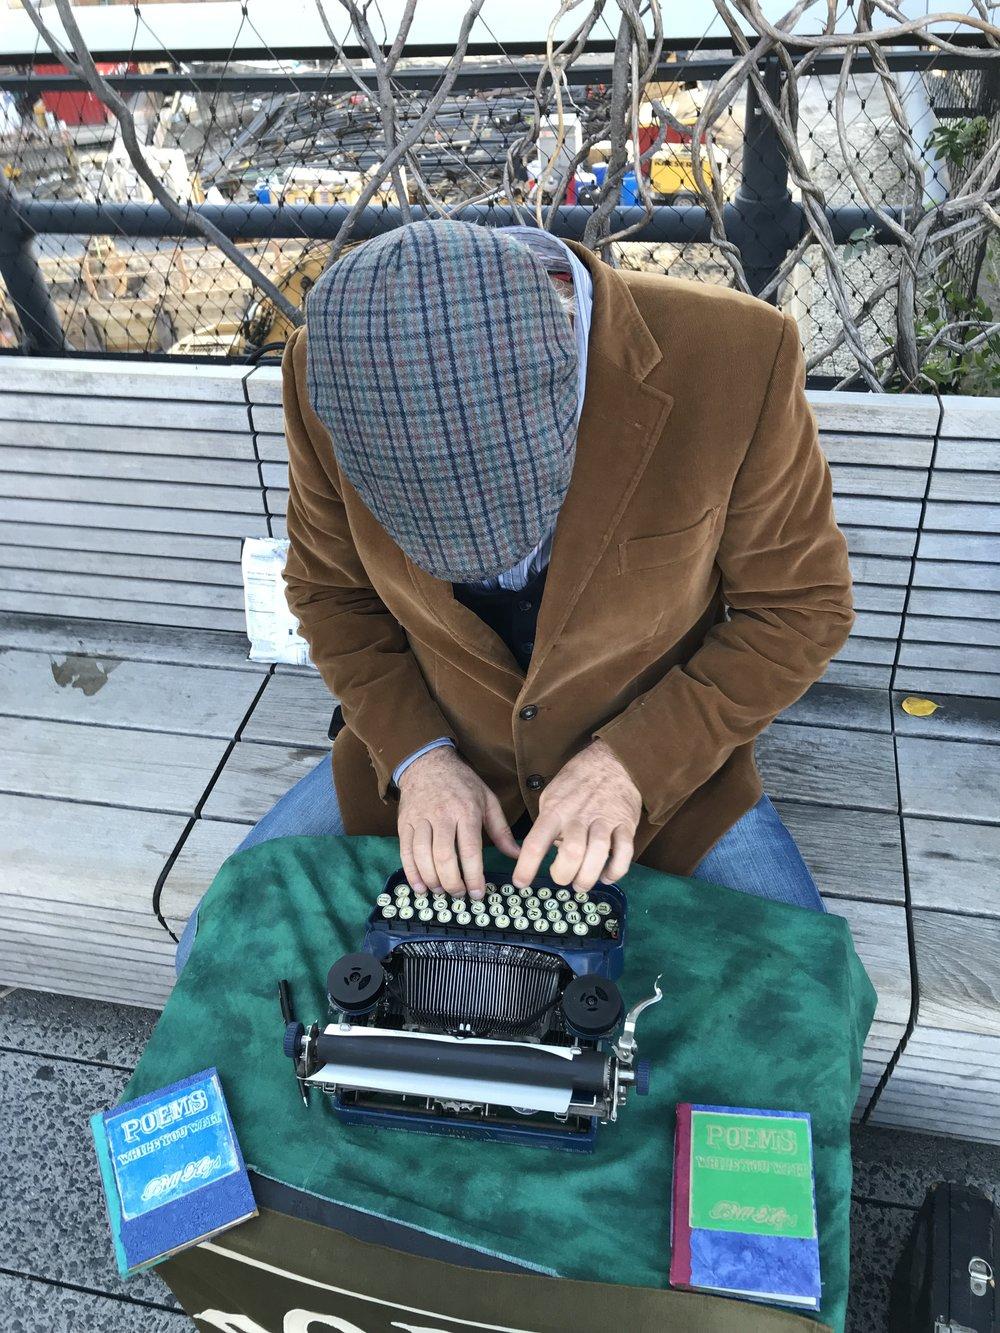 Bill Keys, the poem guy.